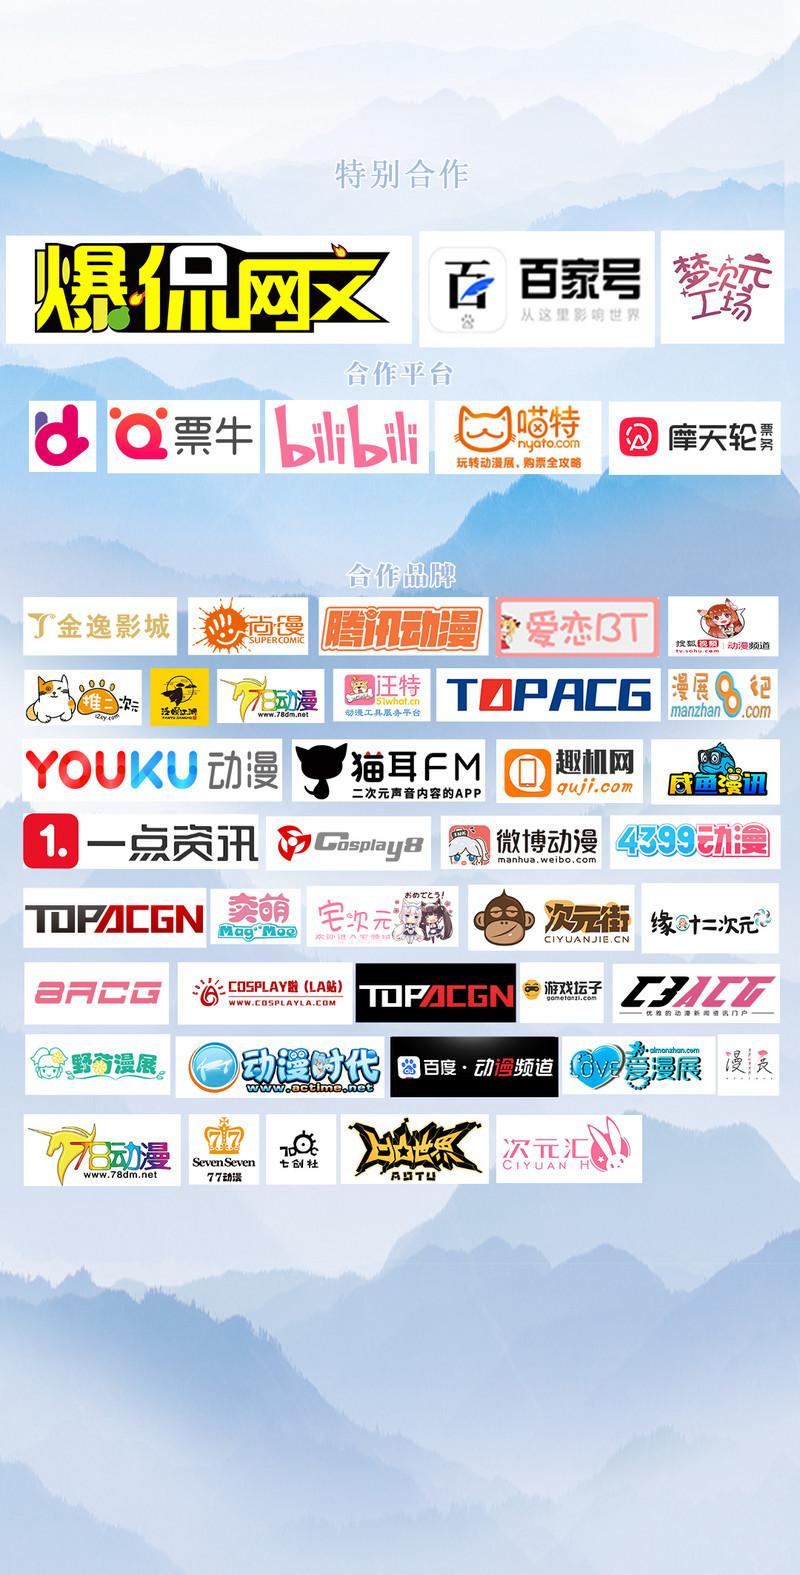 上海市青浦区绿地全球商品贸易中心漫展活动来袭,cosplay,国风,二次元,更多动漫元素静待现场发掘-C3动漫网